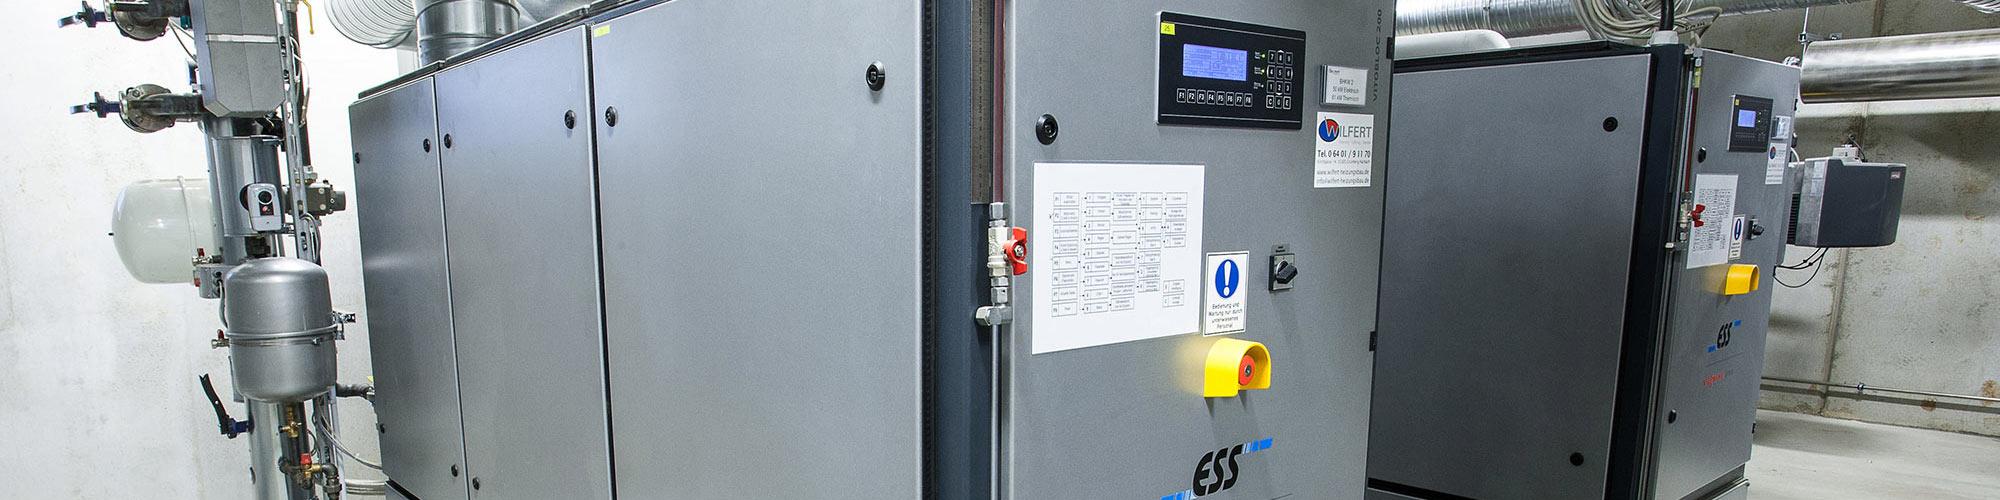 热电装置组合